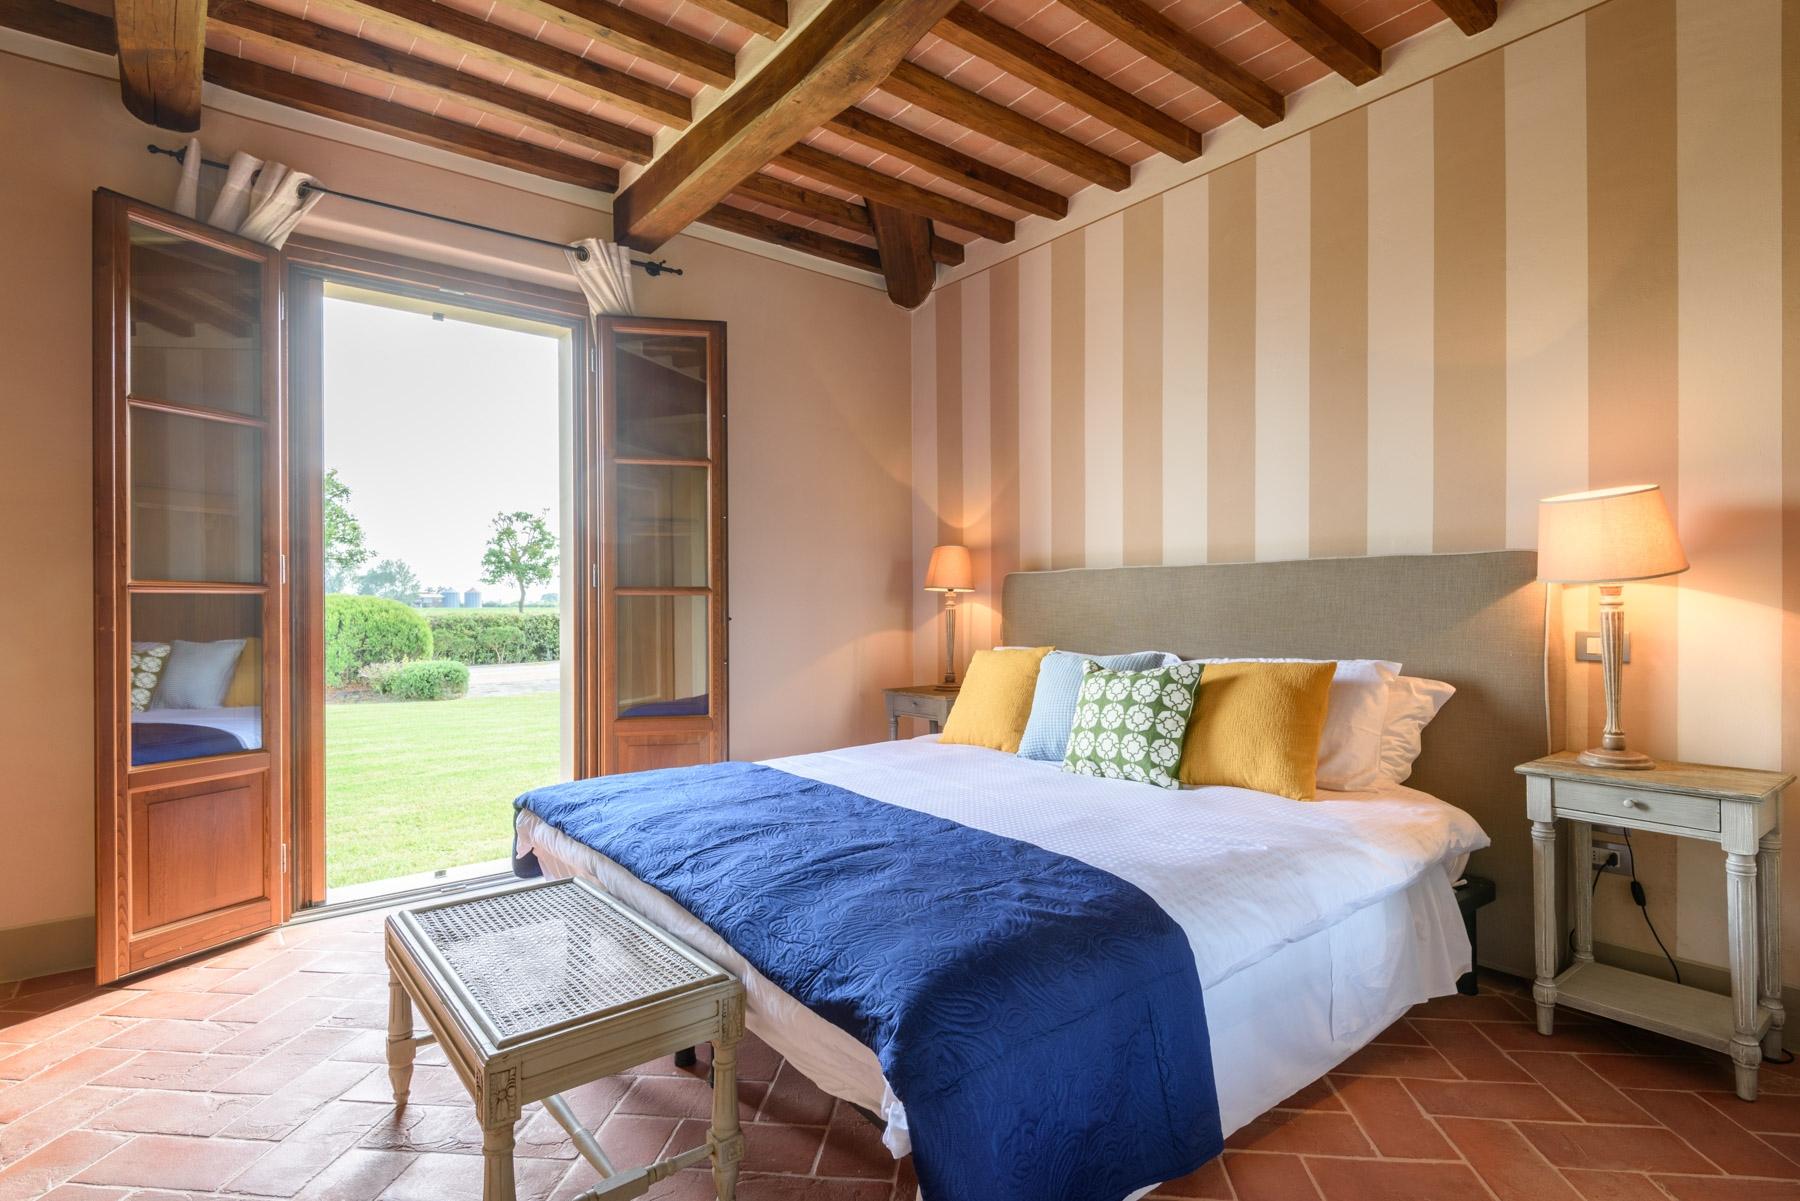 Villa in Vendita a Cortona: 5 locali, 246 mq - Foto 7